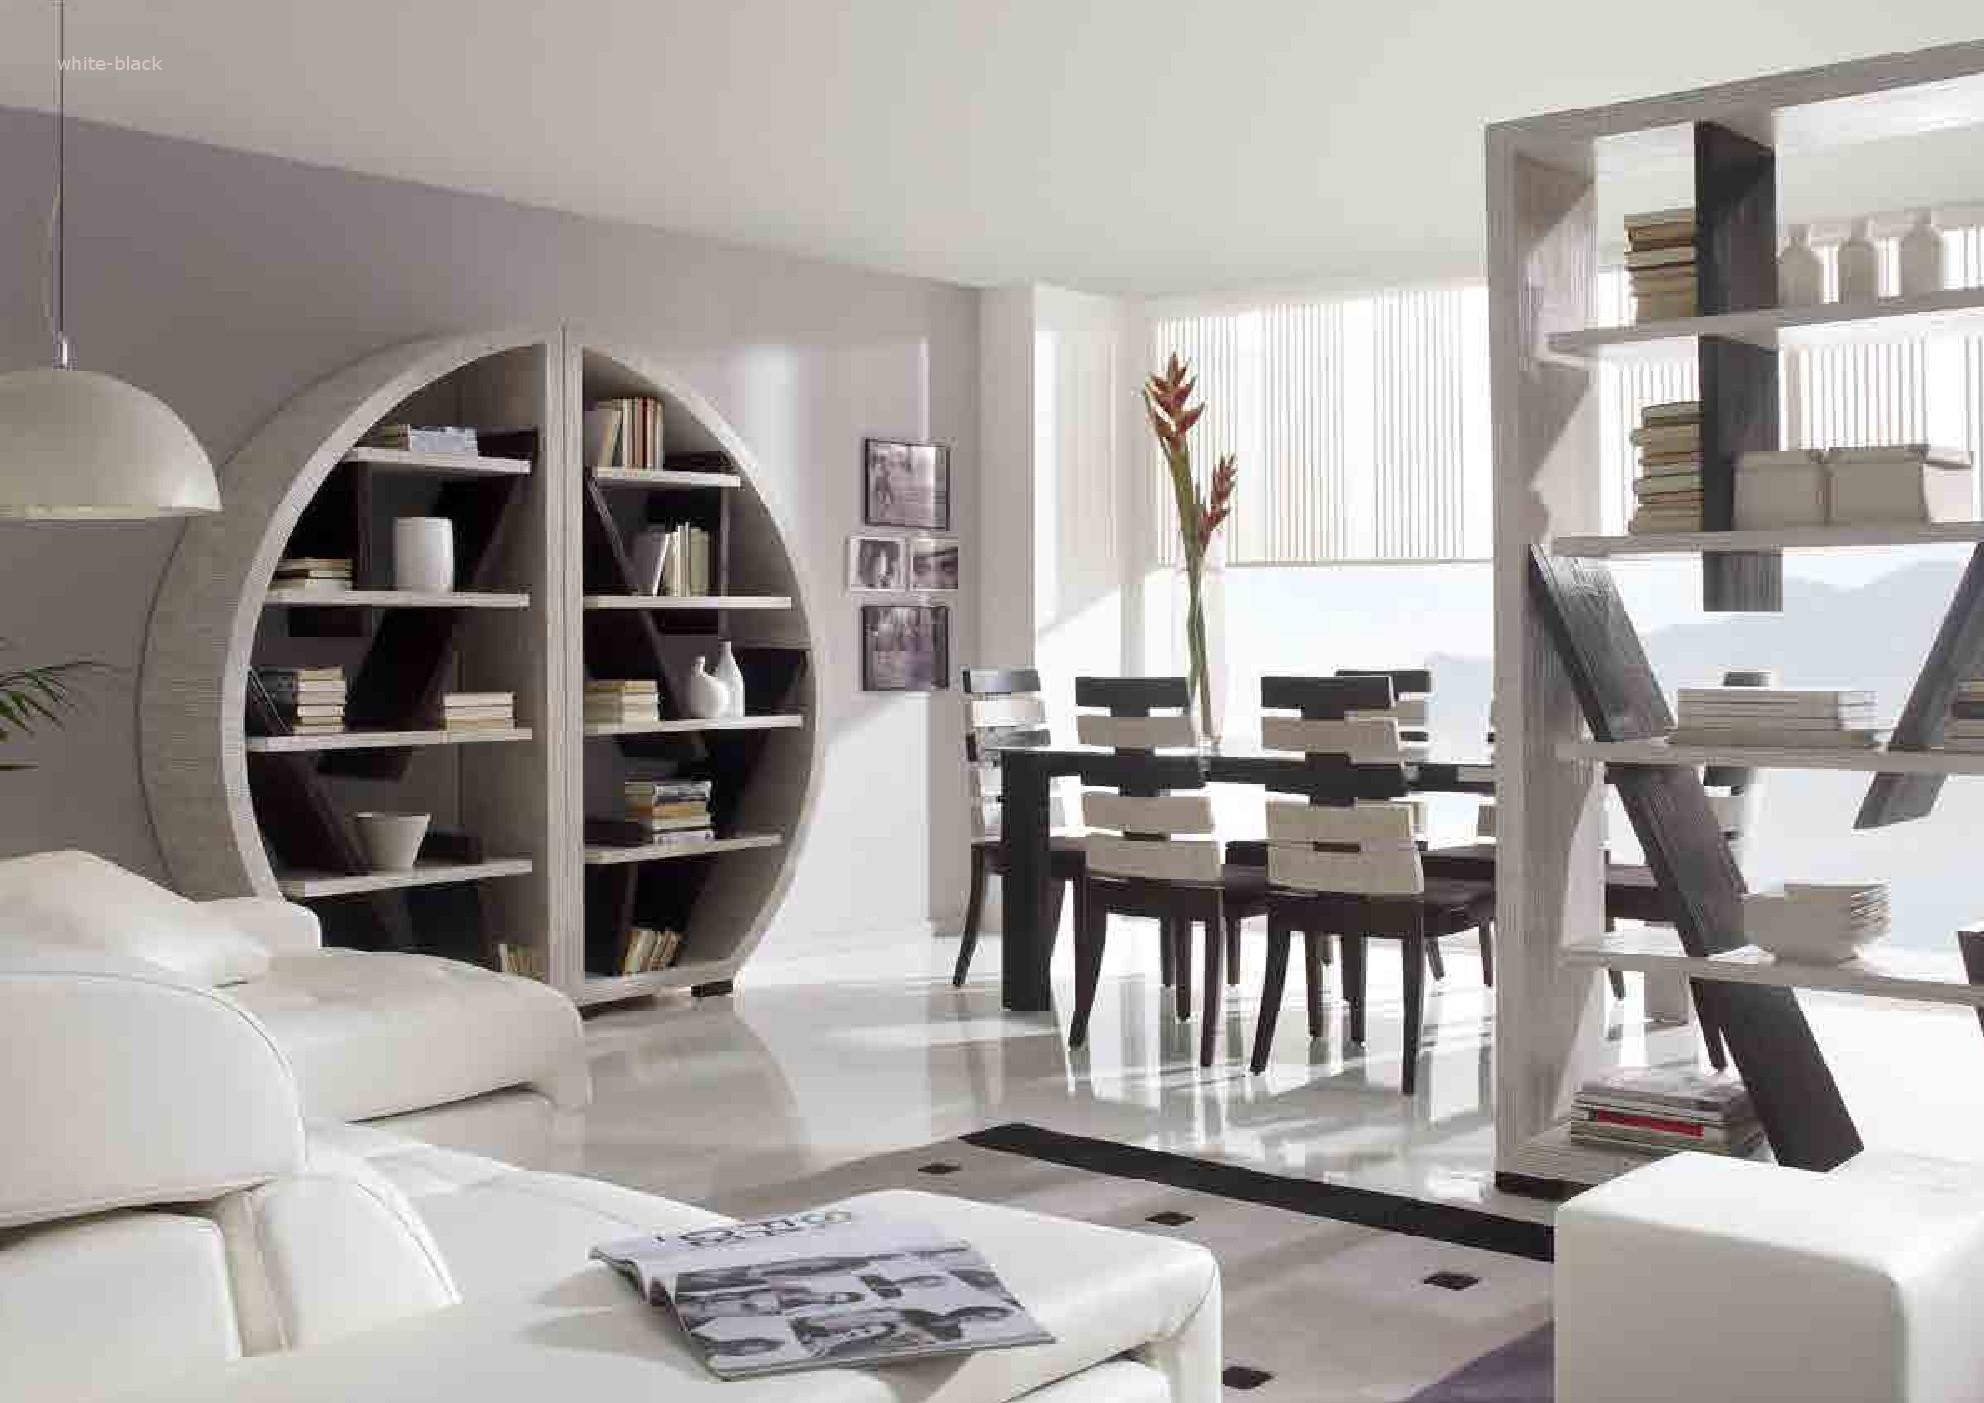 Awesome Offerta Soggiorni Moderni Images - Idee per la casa ...